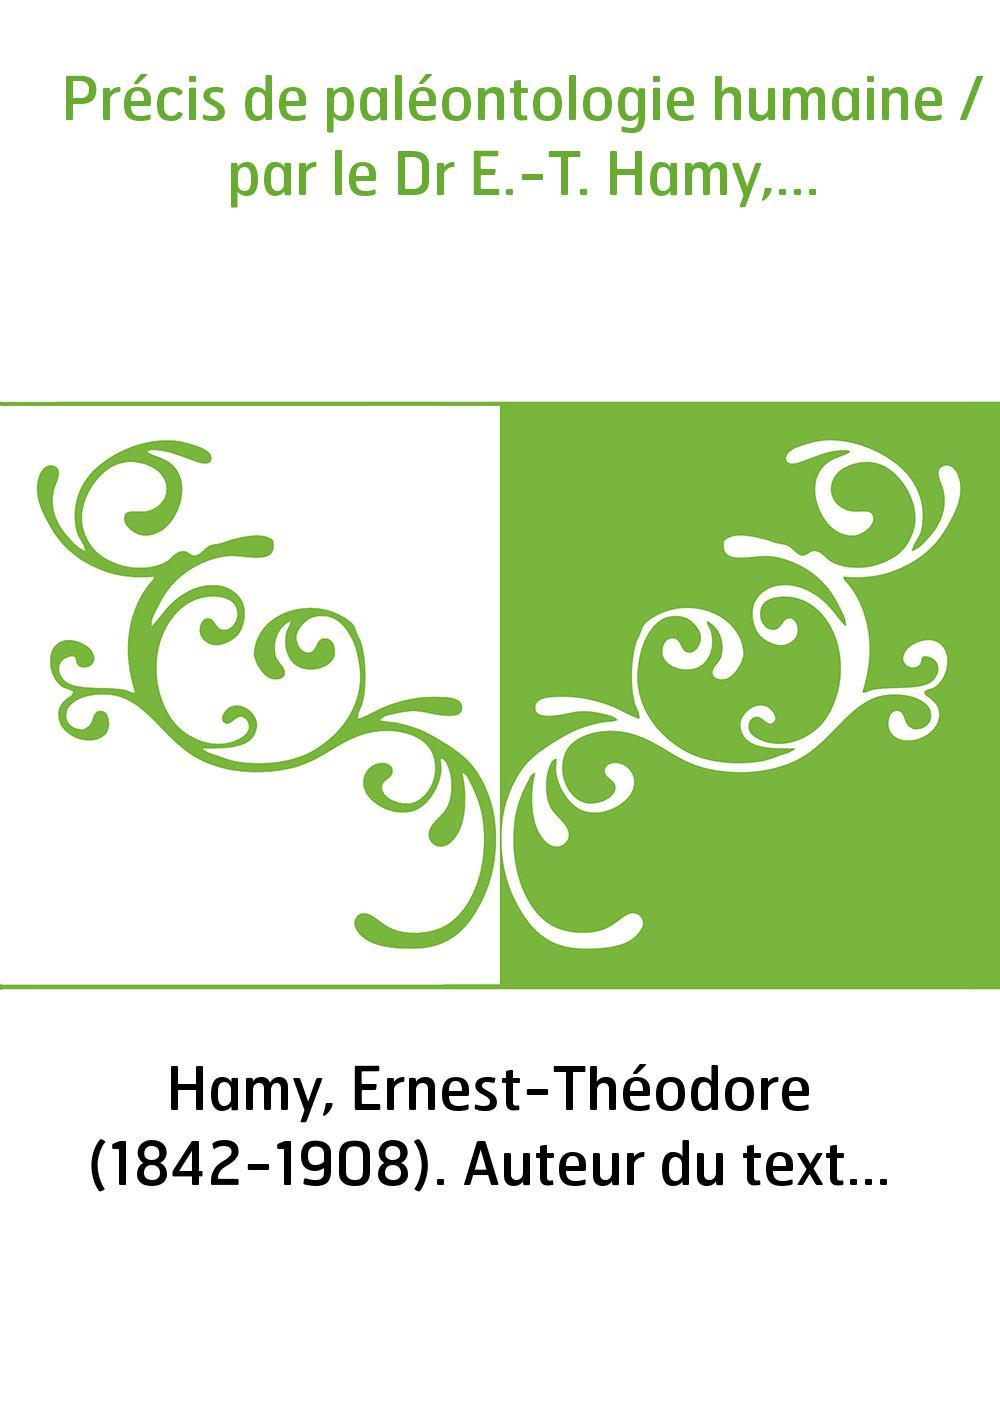 Précis de paléontologie humaine / par le Dr E.-T. Hamy,...